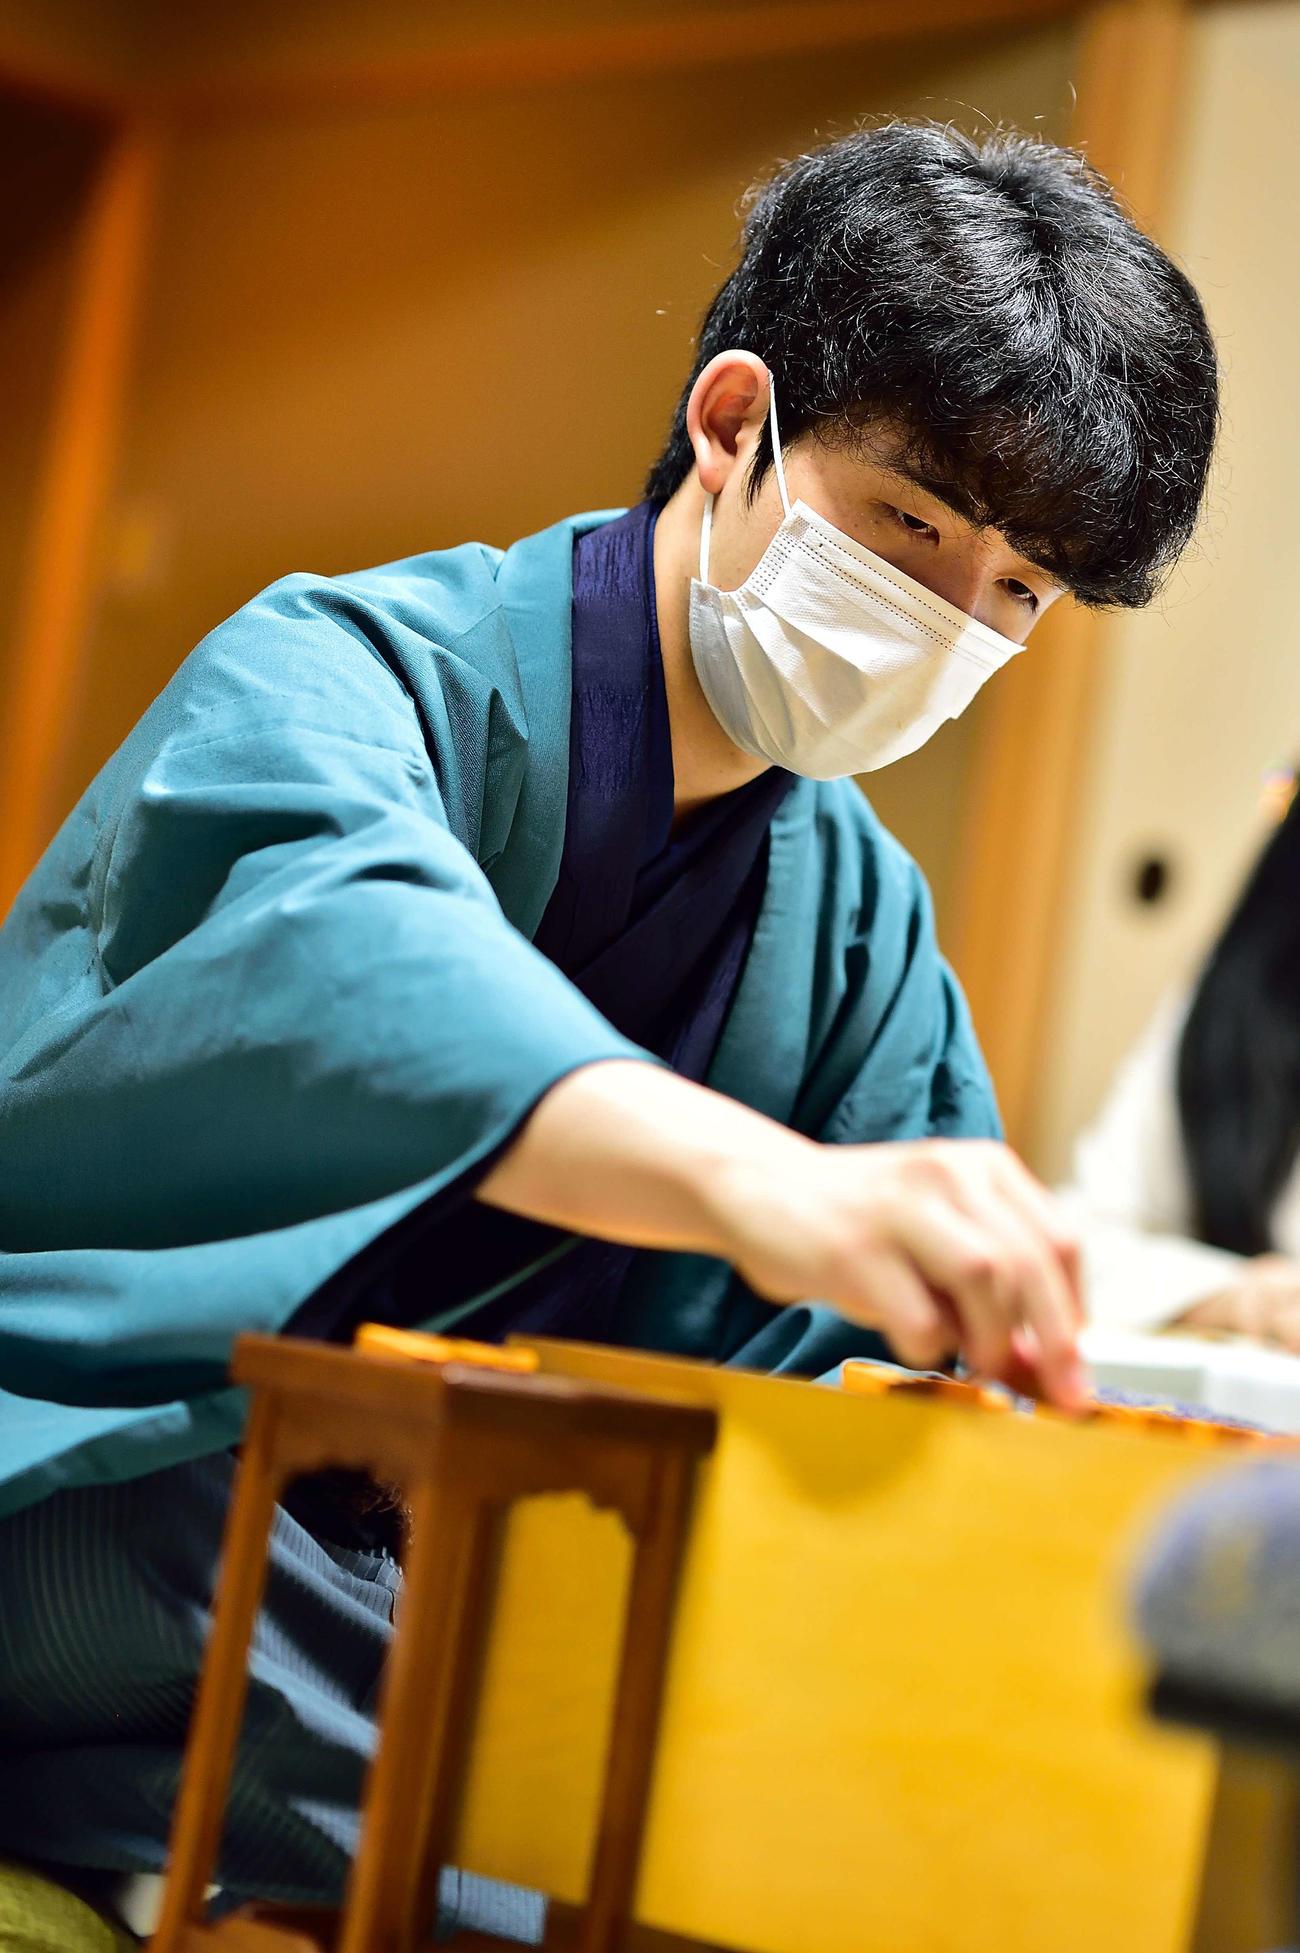 第61期王位戦7番勝負第3局を制し、タイトル獲得まであと1勝とした藤井聡太棋聖